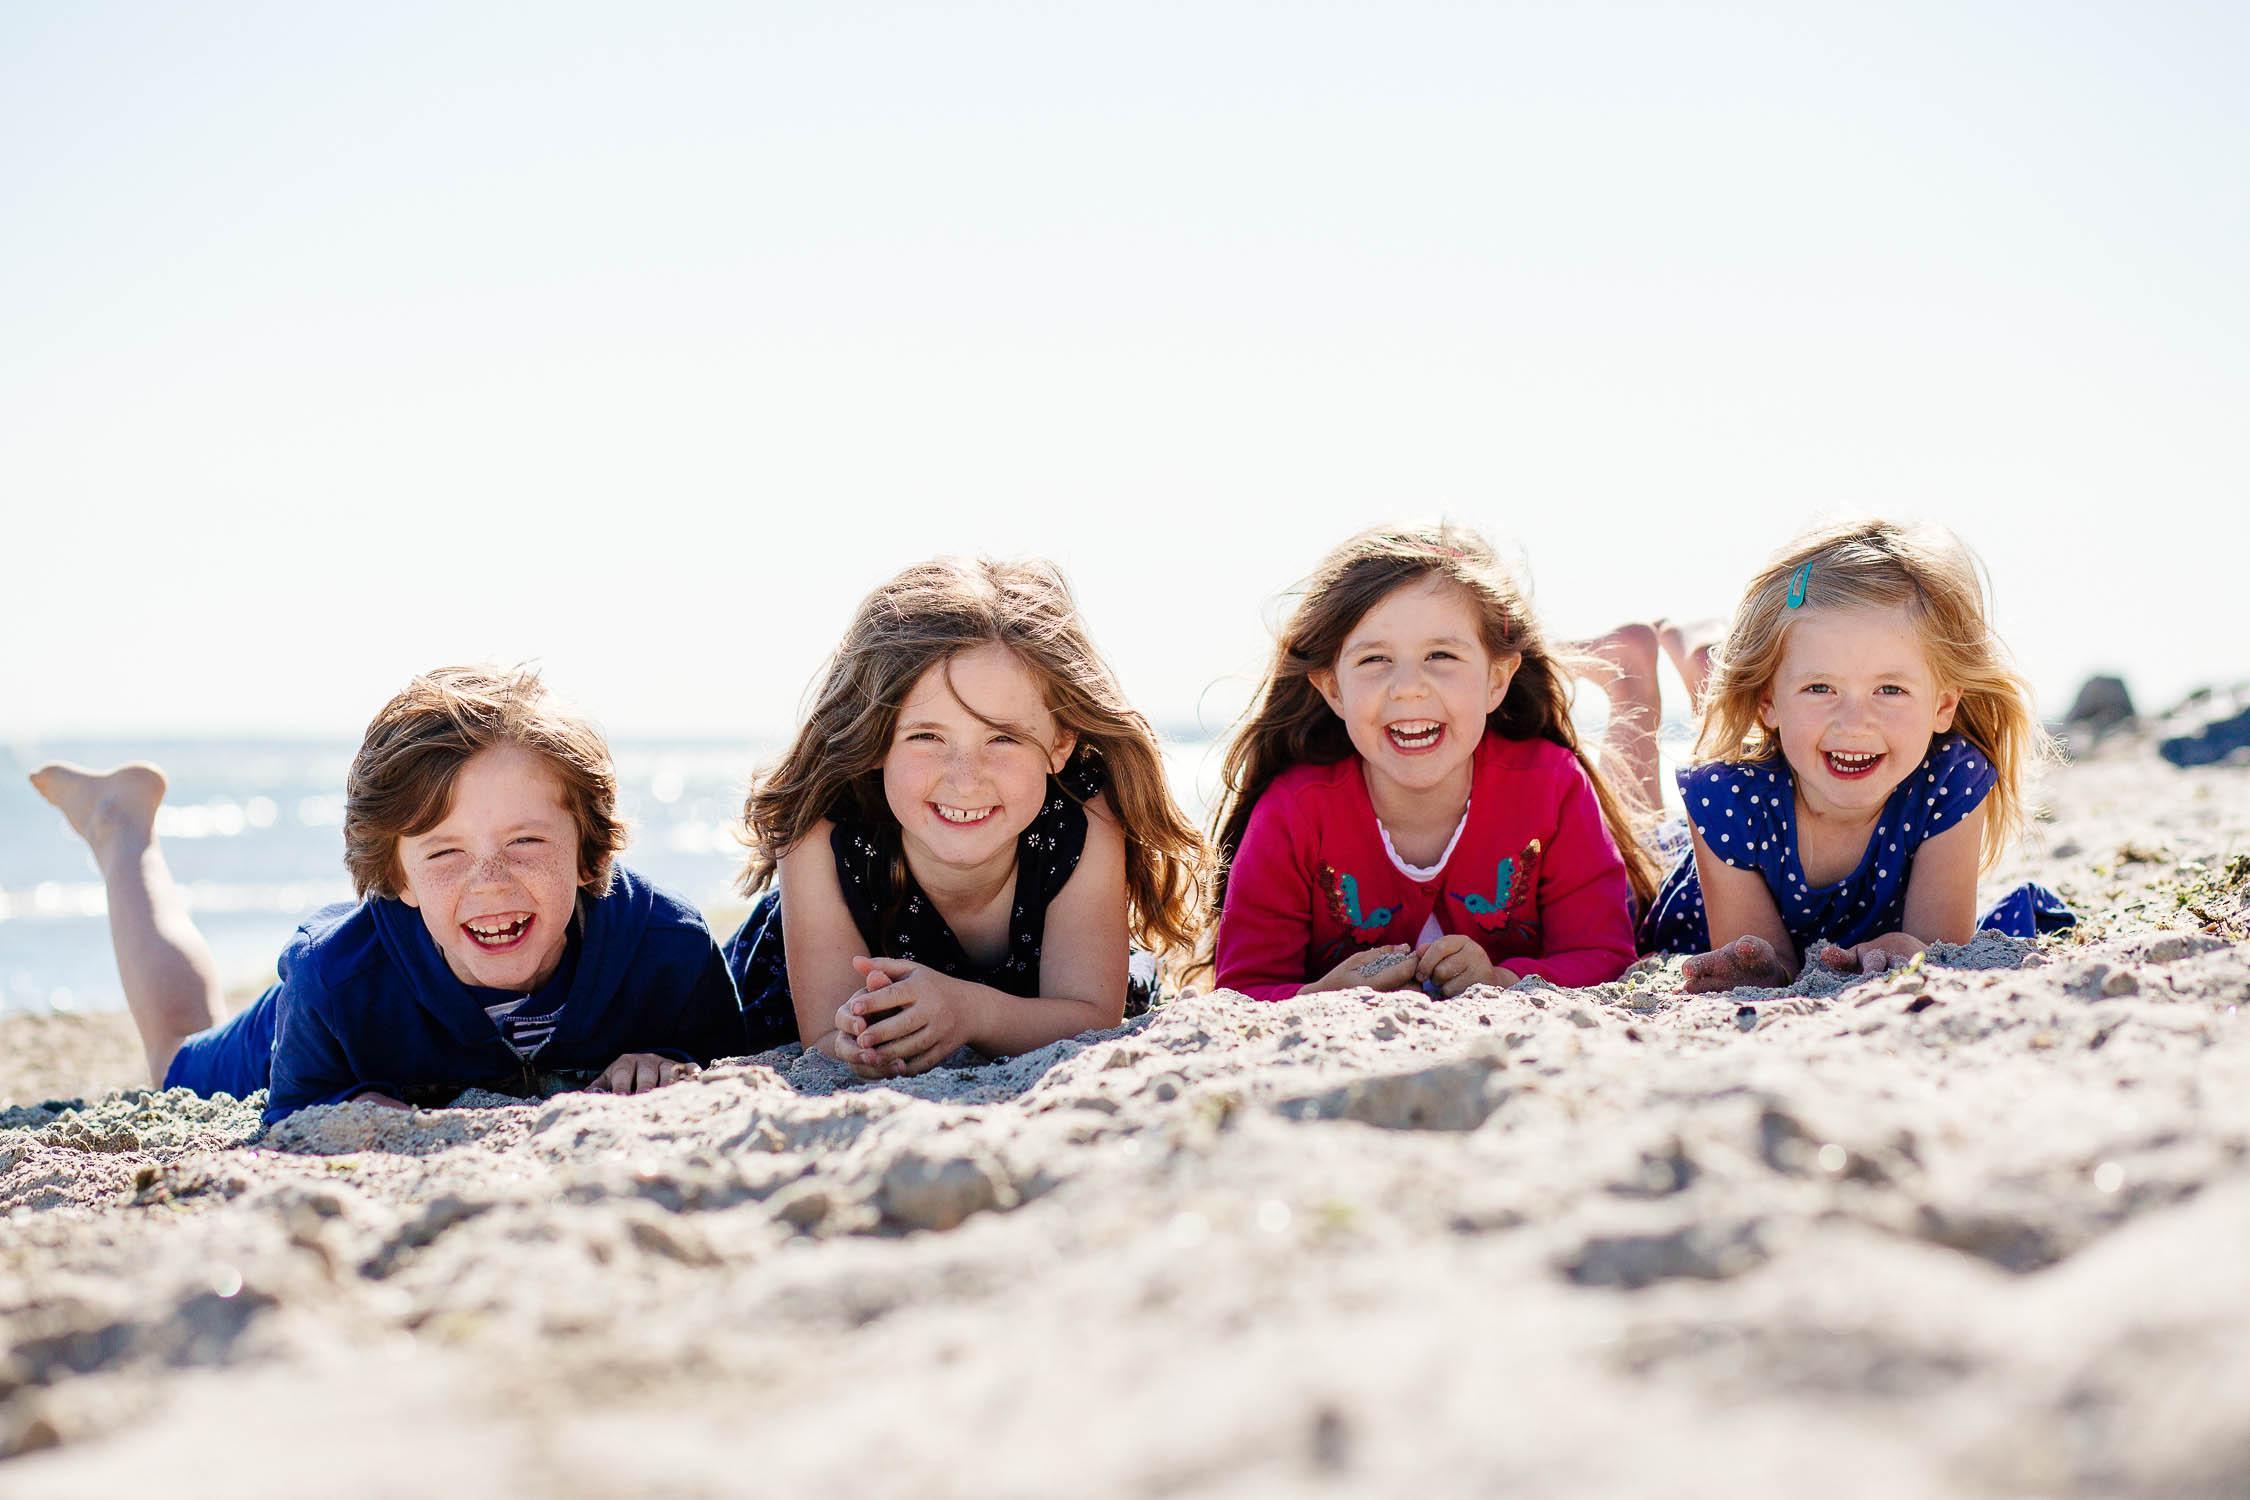 Familien Fotoshooting in Pelzerhaken 32